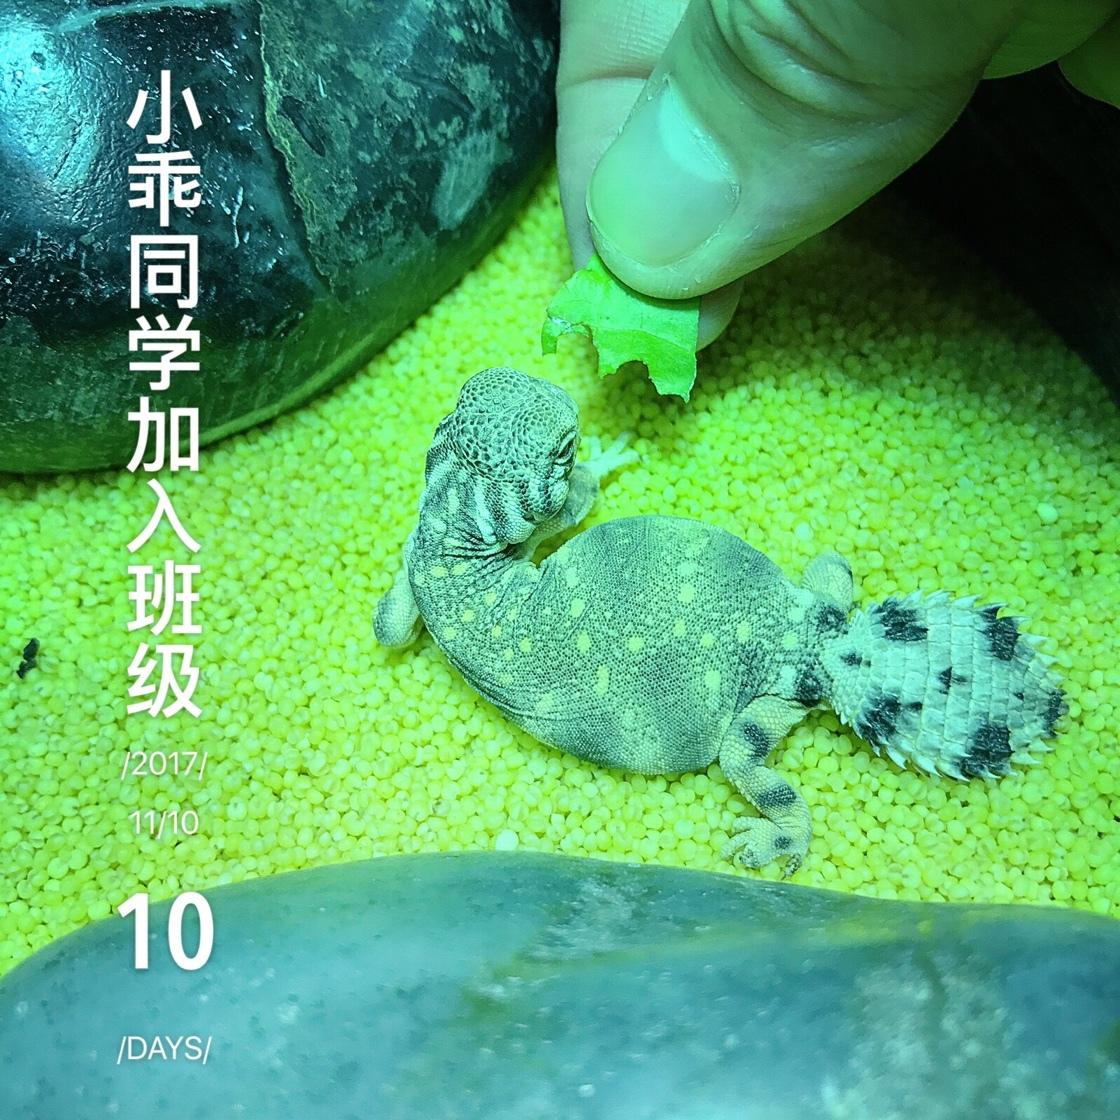 汤玛士王者蜥蜴 Uromastyx thomasi 小乖同学